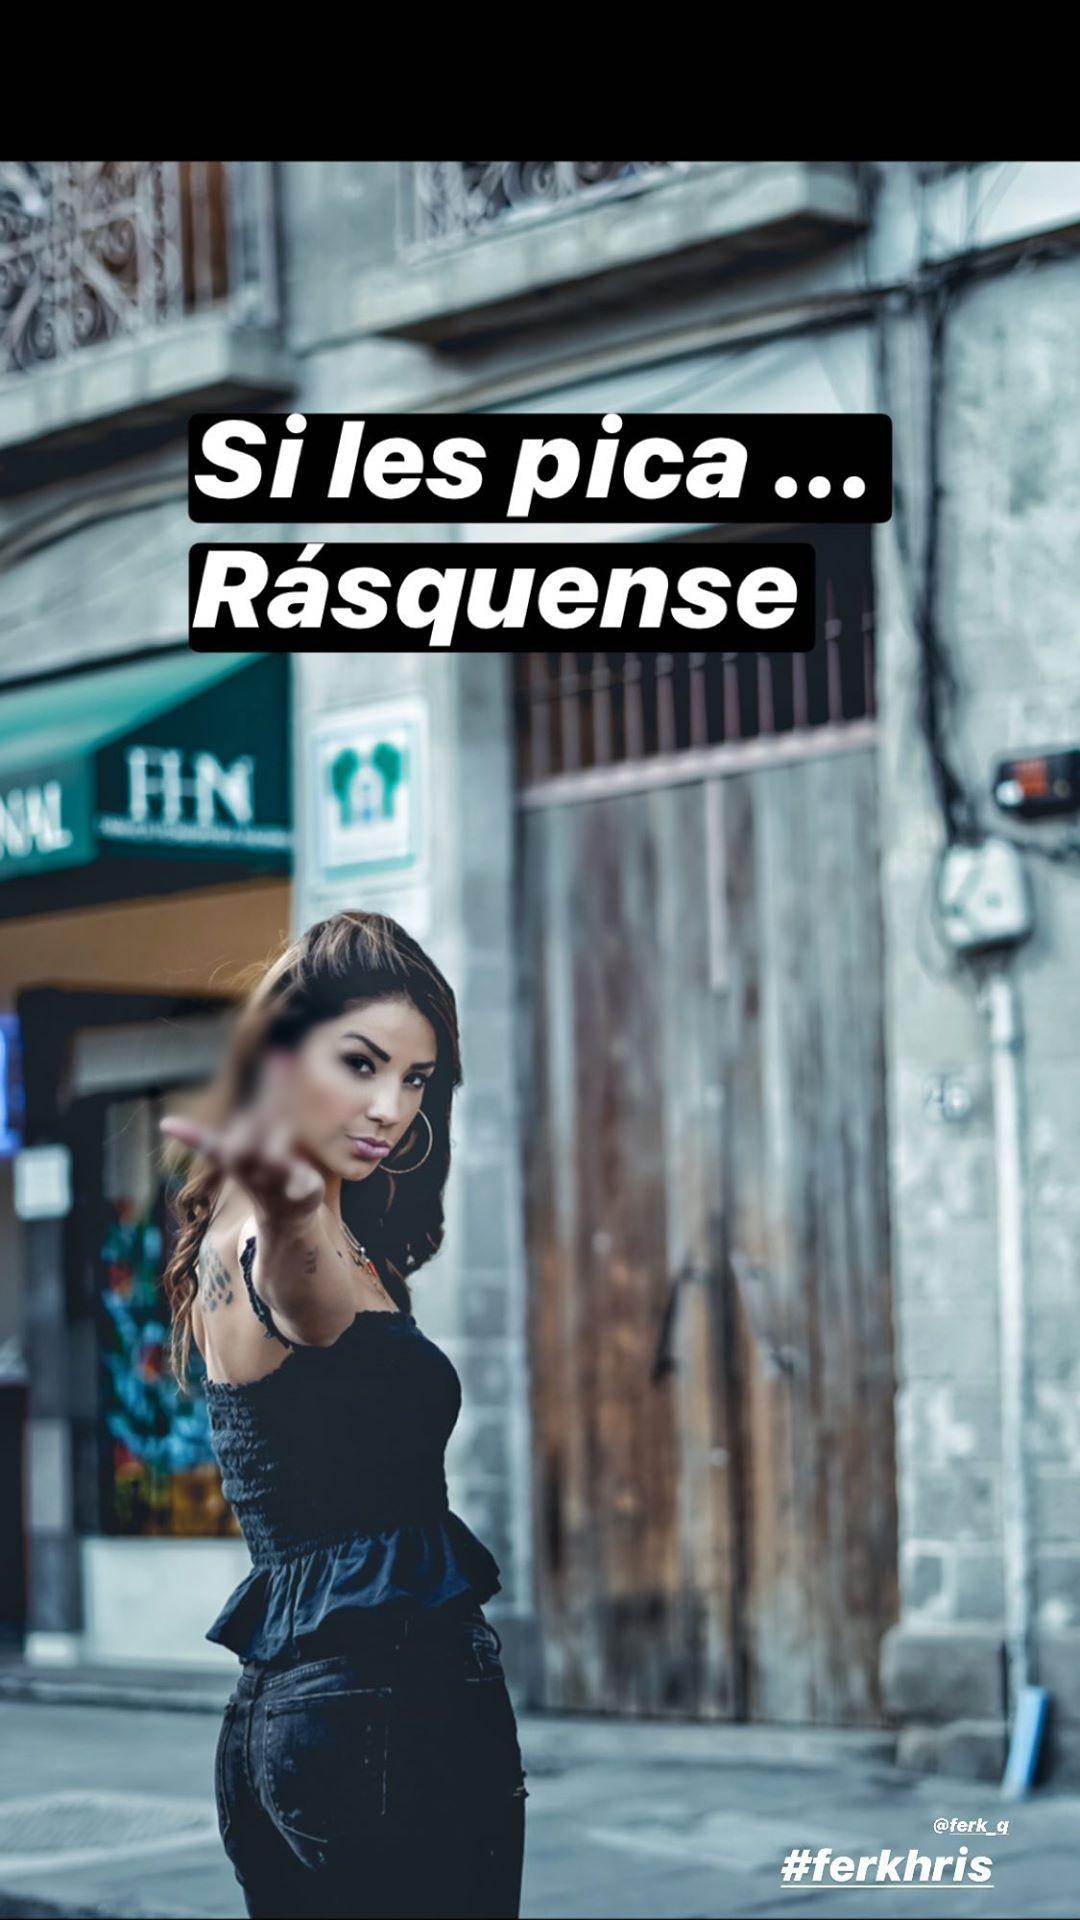 Aseguran que Christian Estrada tiene otra novia además de Ferka